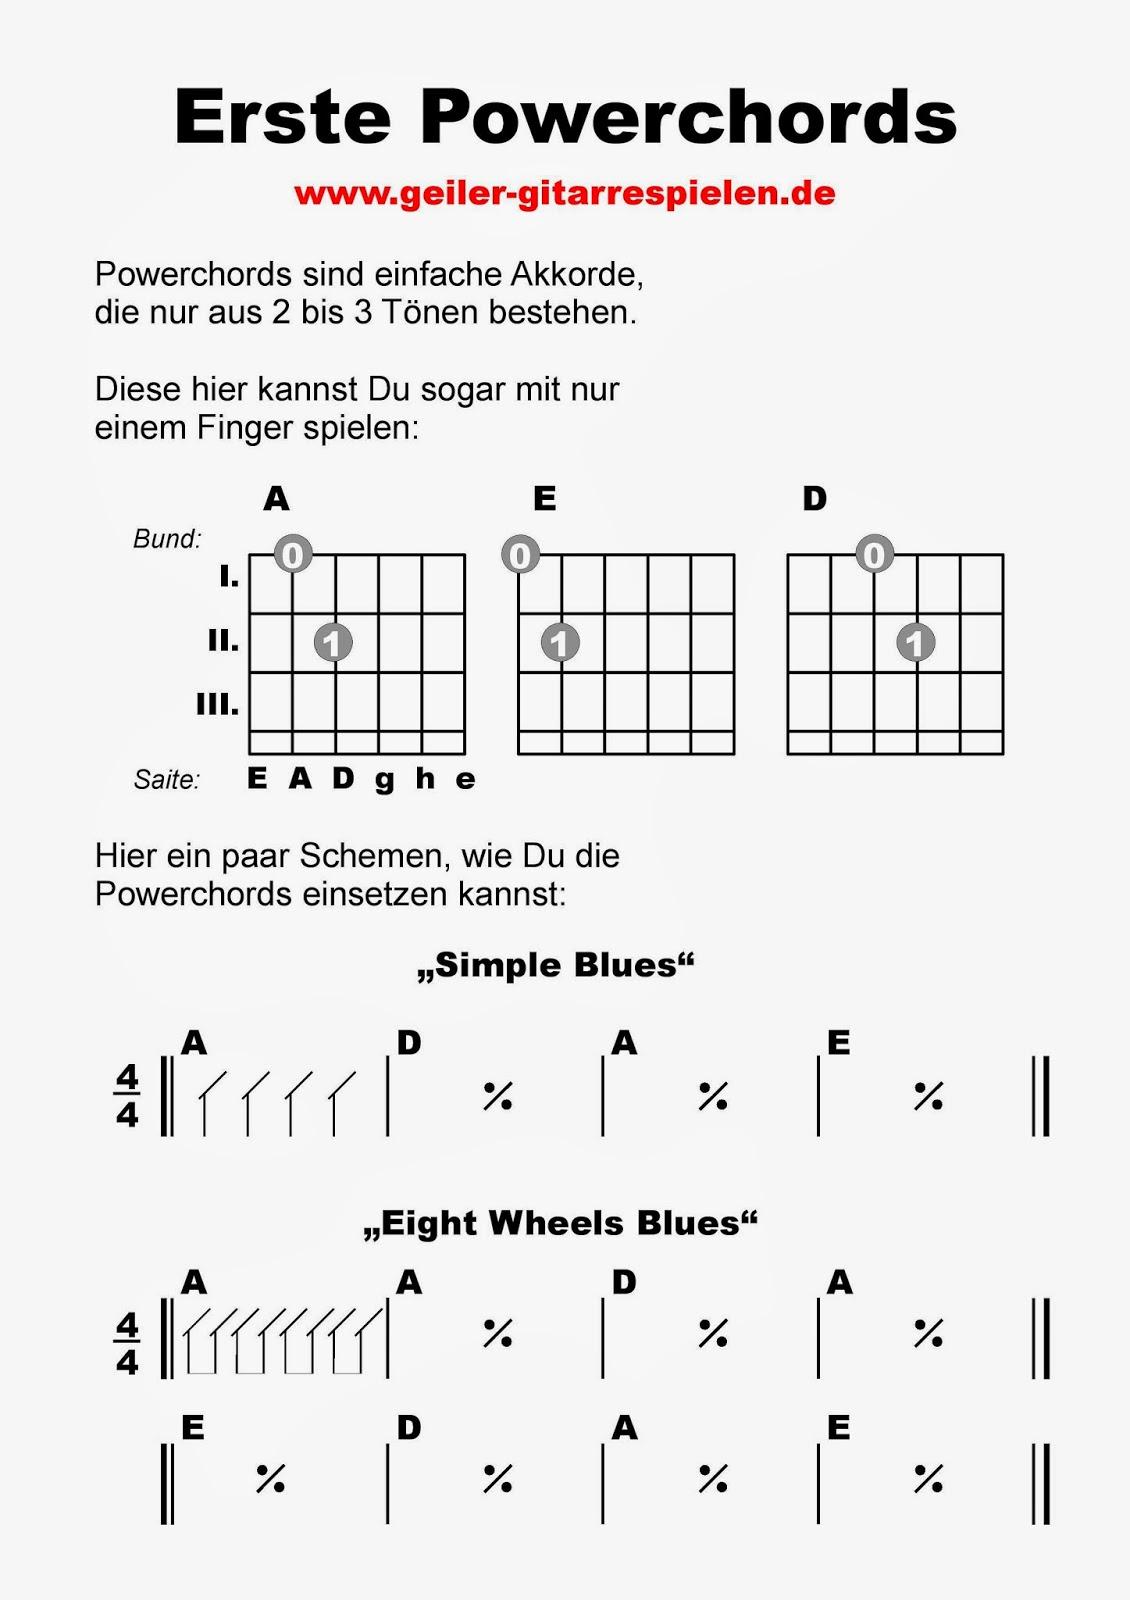 Die Gitarren Seite Powerchords für Gitarren Anfänger